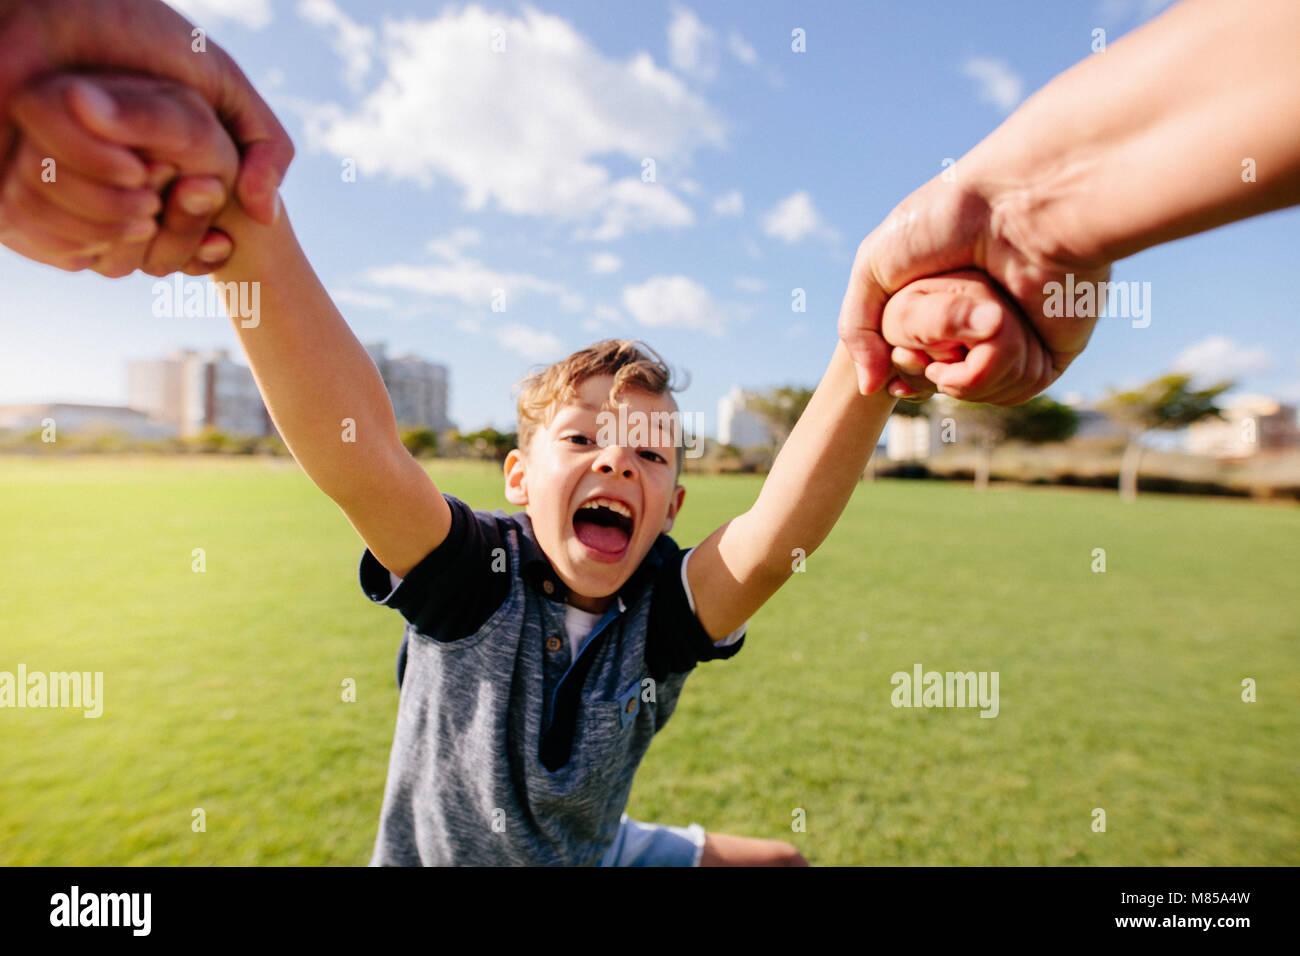 Niño alegre goza de ser levantado en el aire mientras jugaba en un parque. Cerca de un muchacho de buen humor Imagen De Stock